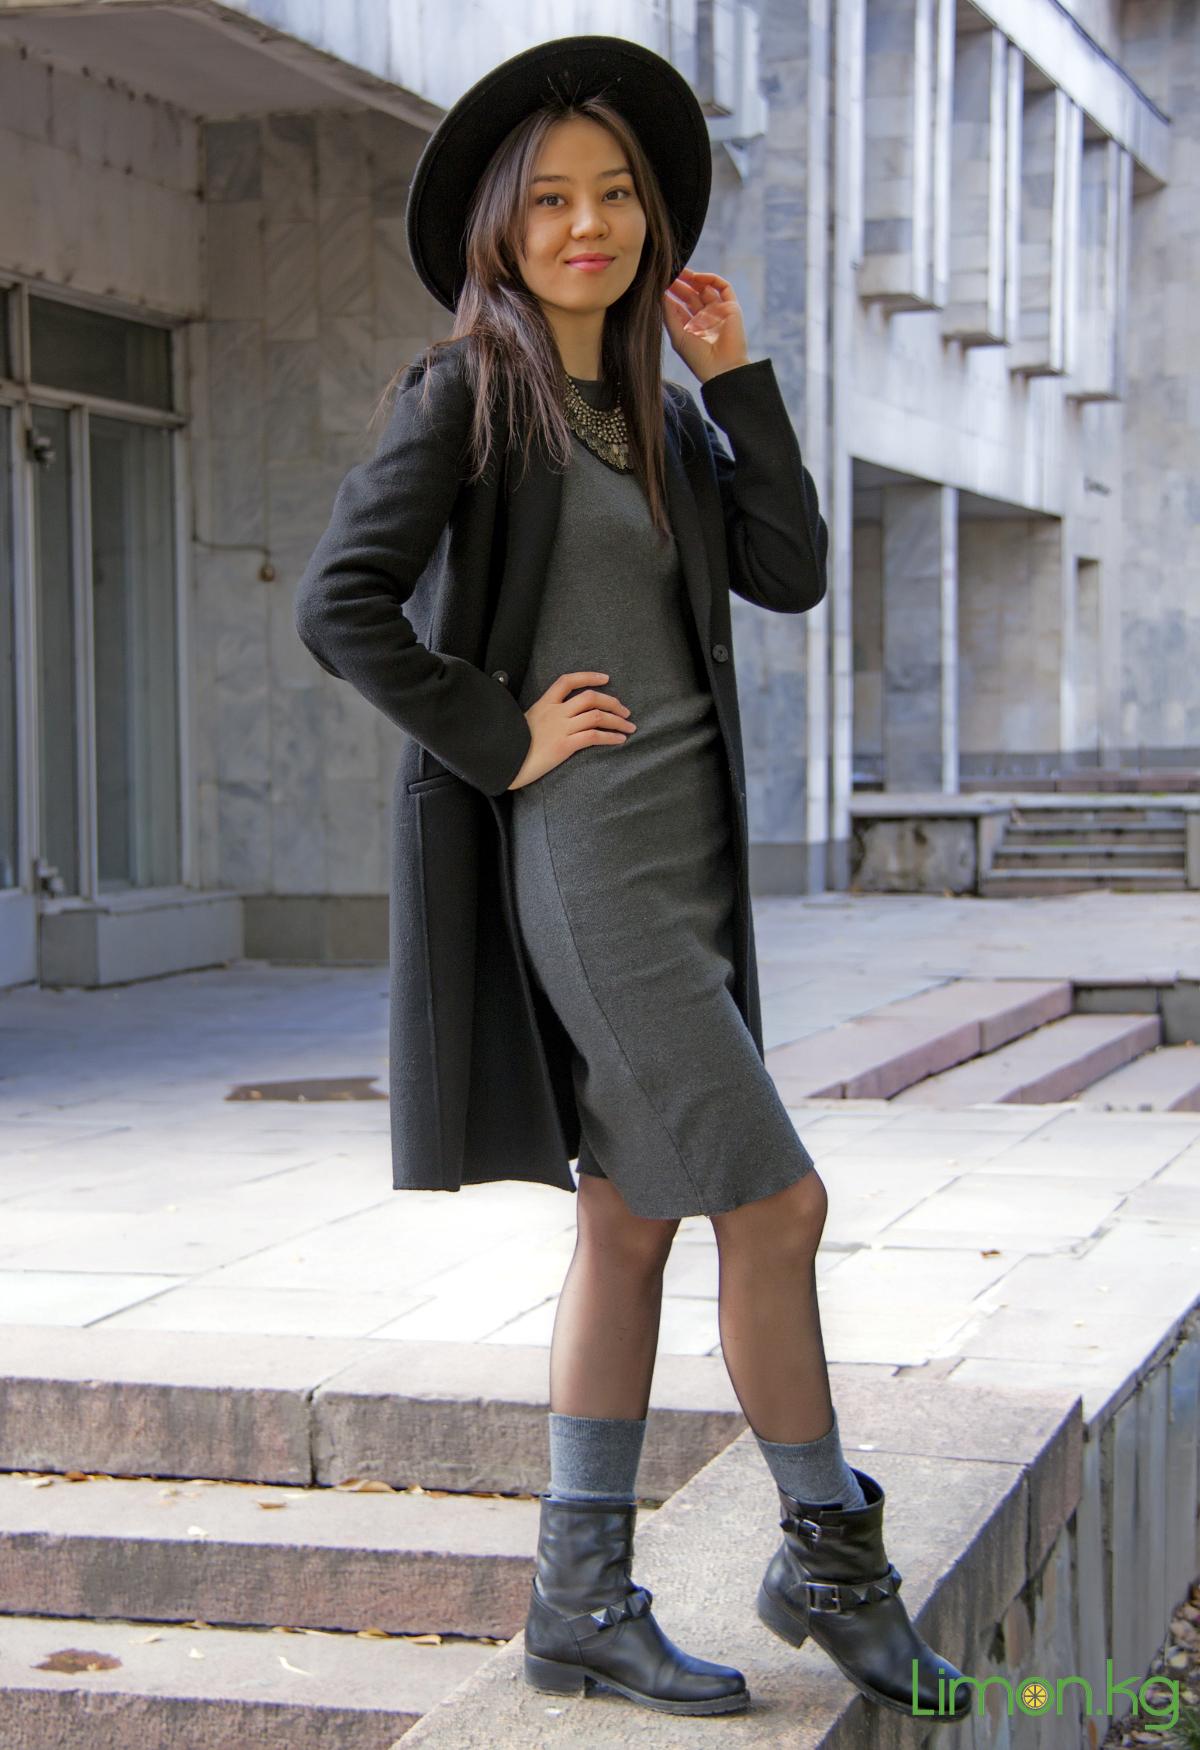 Пухлая девушка в юбке 24 фотография